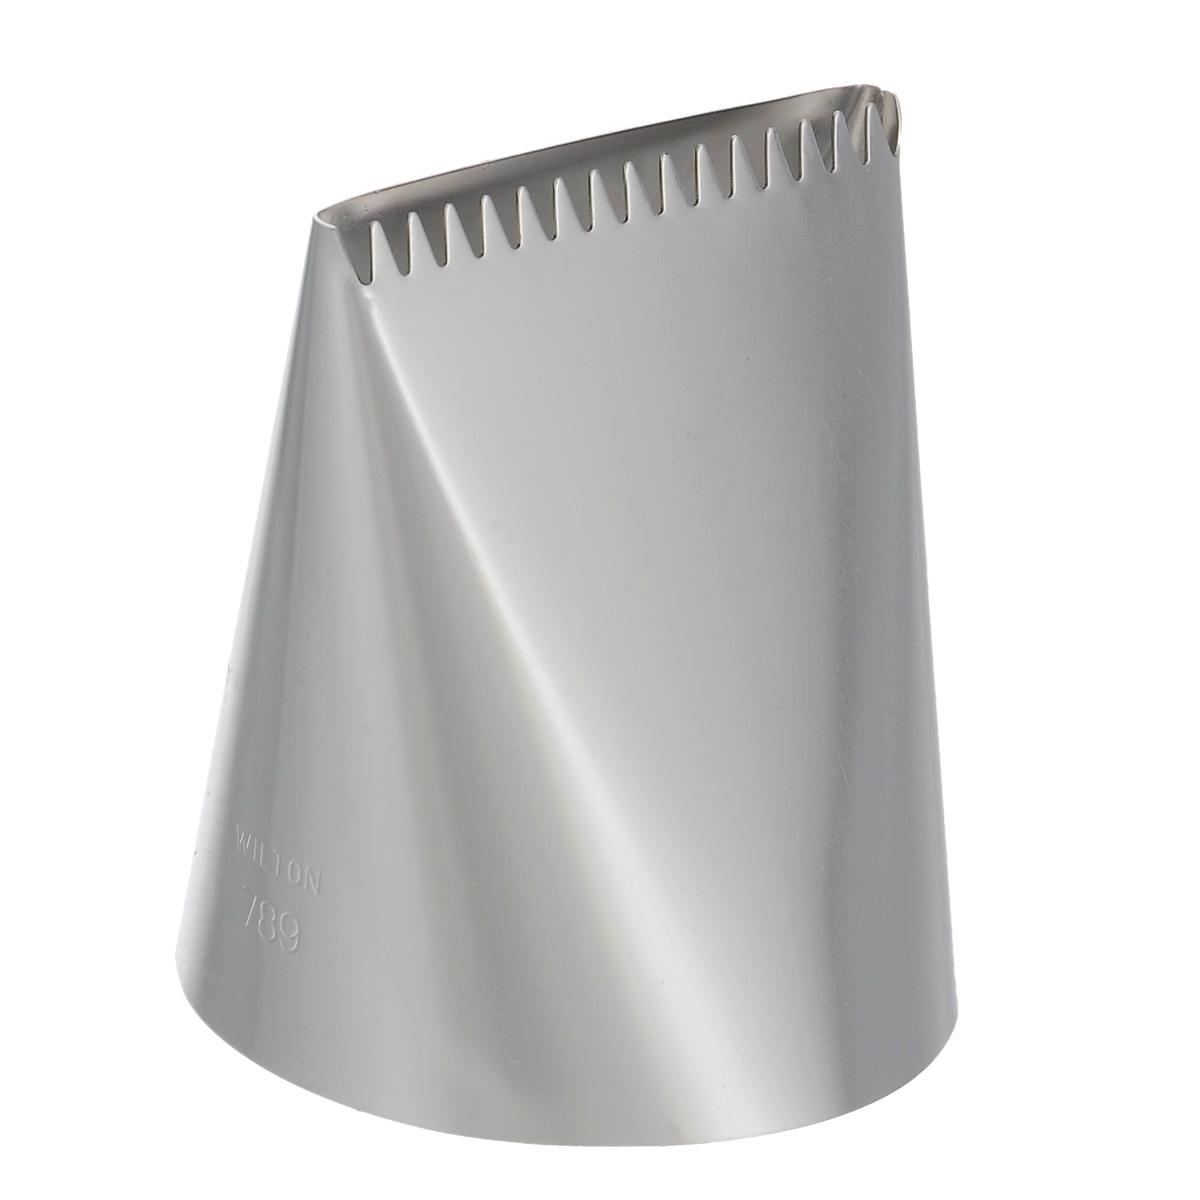 Насадка для кондитерского мешка Wilton, на подвесе, №789WLT-418-789Насадка для кондитерского мешка Wilton изготовлена из металла. Она используется для украшения кондитерских изделий и крепится стандартным фиксатором насадок. С ее помощью можно быстро нанести айсинг на торт! Насадка вместе с кондитерским мешком поможет создать на выпечке удивительные рисунки кремом. С этой насадкой готовить станет намного удобнее!Можно мыть в посудомоечной машине. Диаметр основания насадки: 5 см. Длина насадки: 6 см.